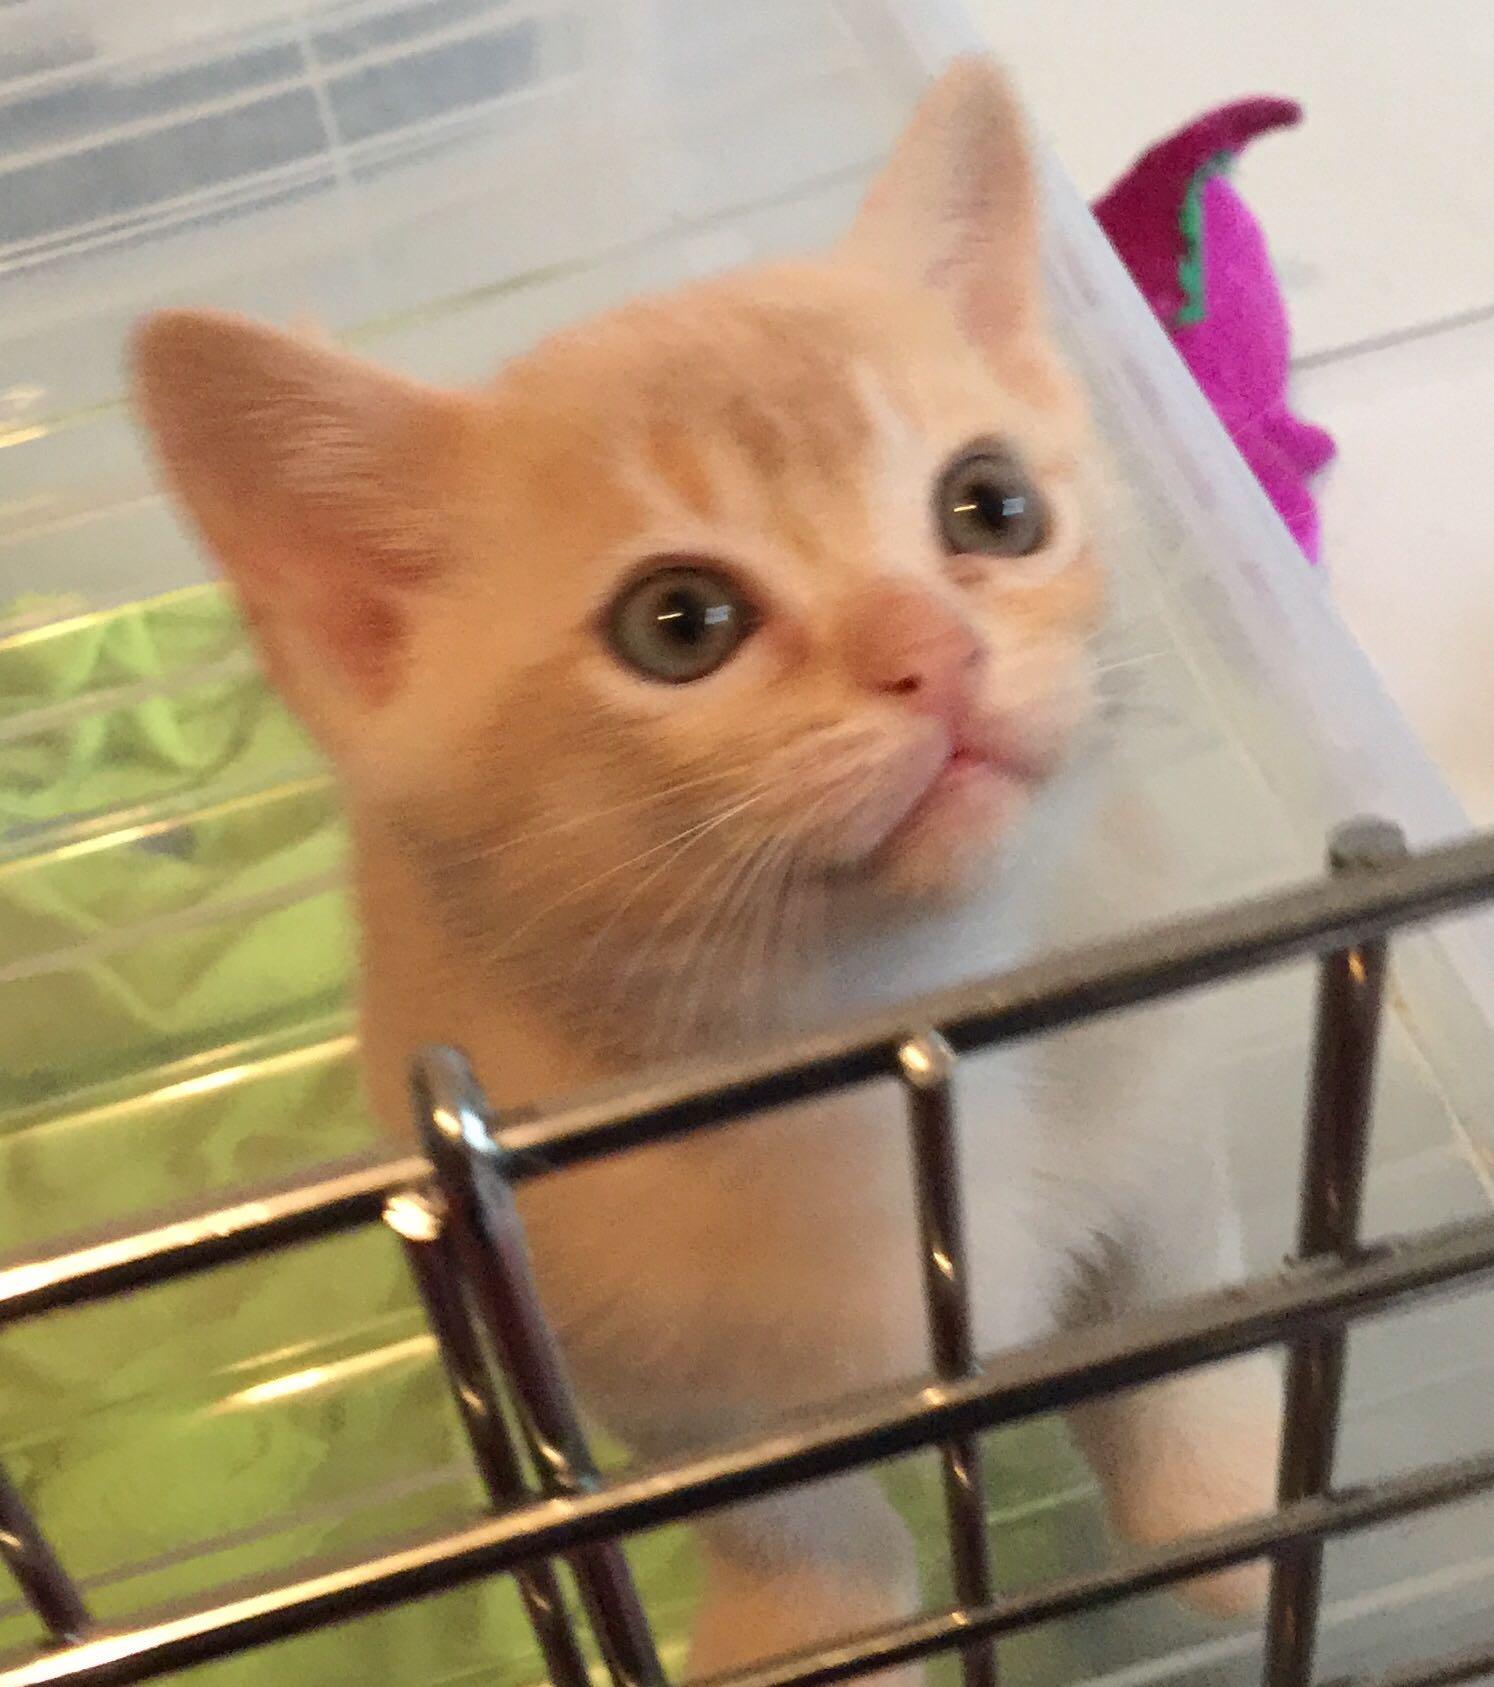 香港正规猫舍繁育直销纯种健康缅甸猫 欢迎咨询